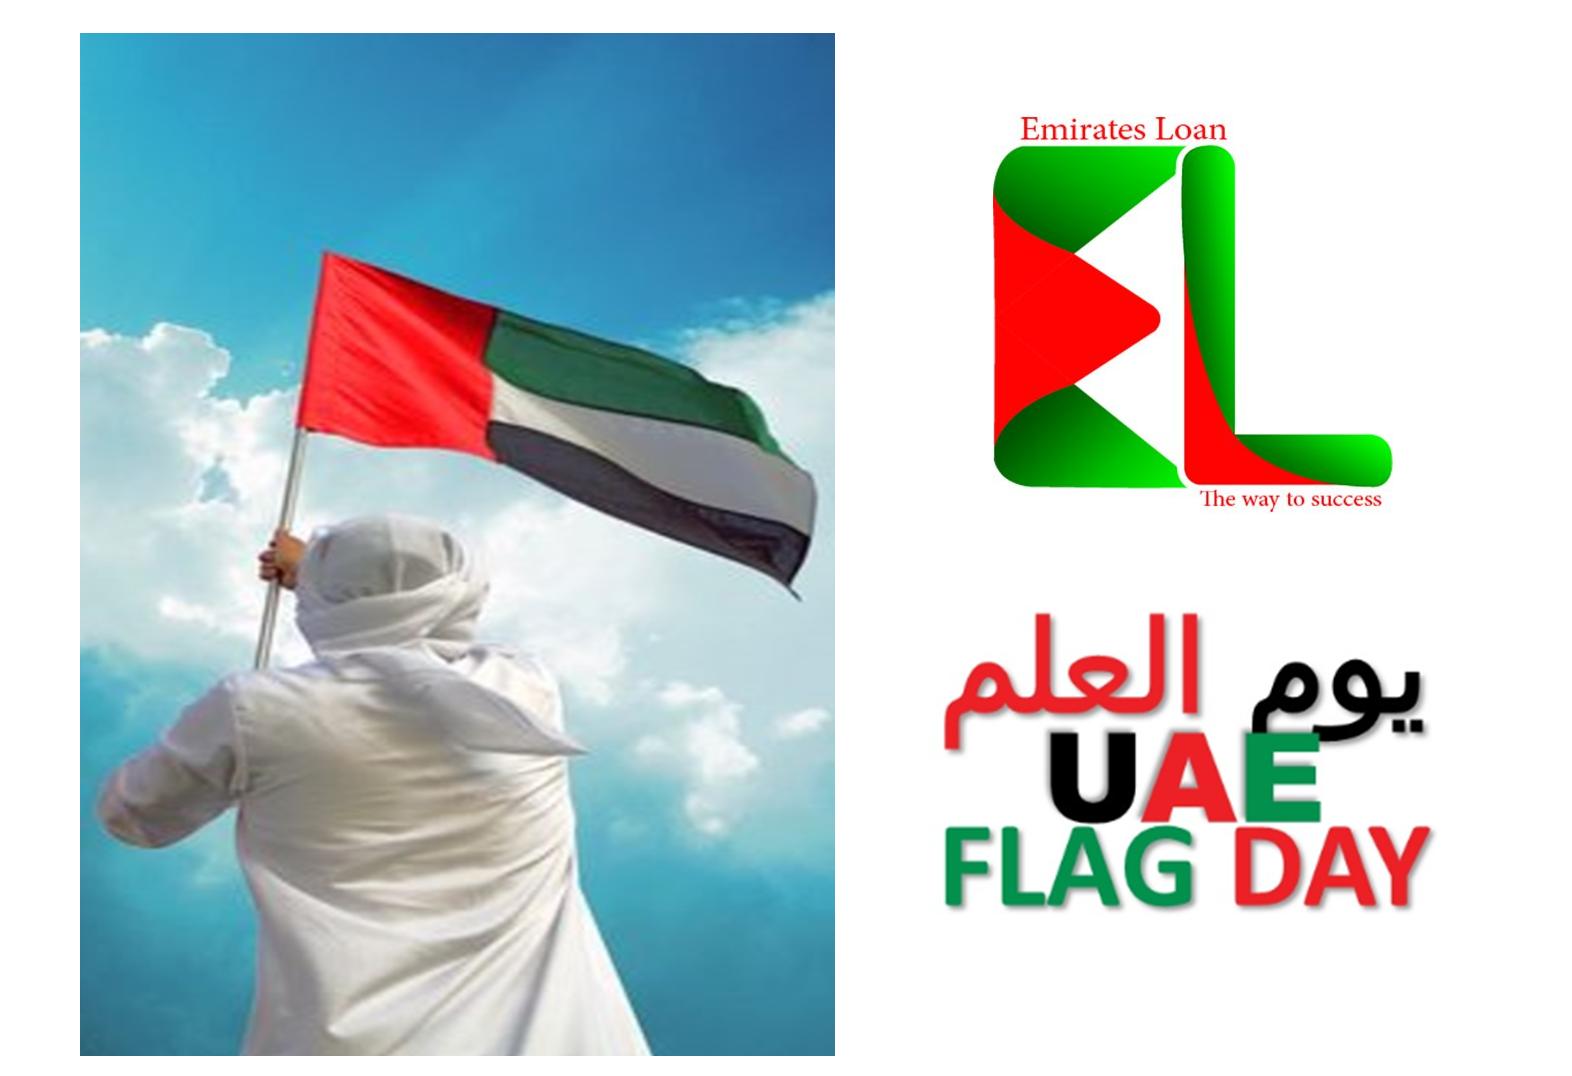 November 3 Uae Flag Day Uaeflagday Uaeflagdayrally Uaeflagdayrally2018 Flagday Uaeflag Uae Dubai Dxb Sharjah Uae Dubai A Uae Flag Dubai Dubai Uae